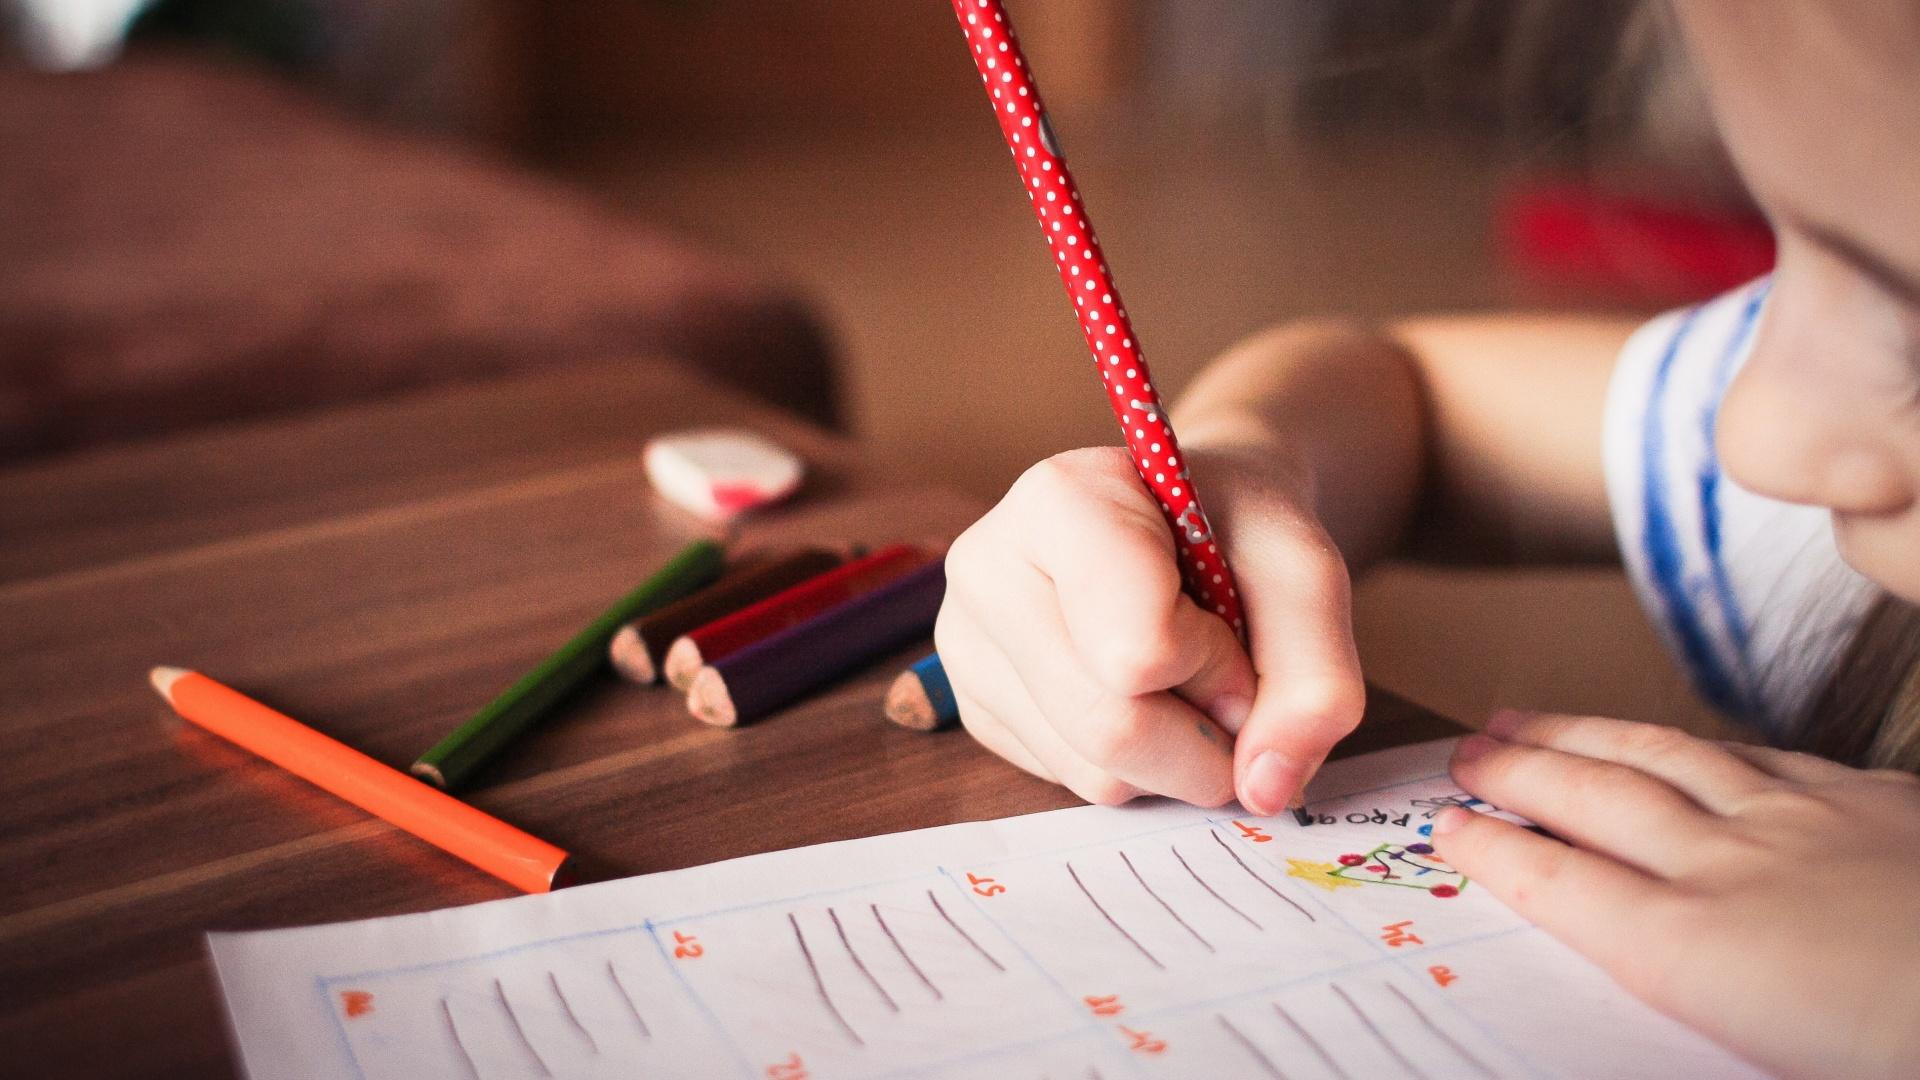 Kislány ír és rajzol egy füzetbe